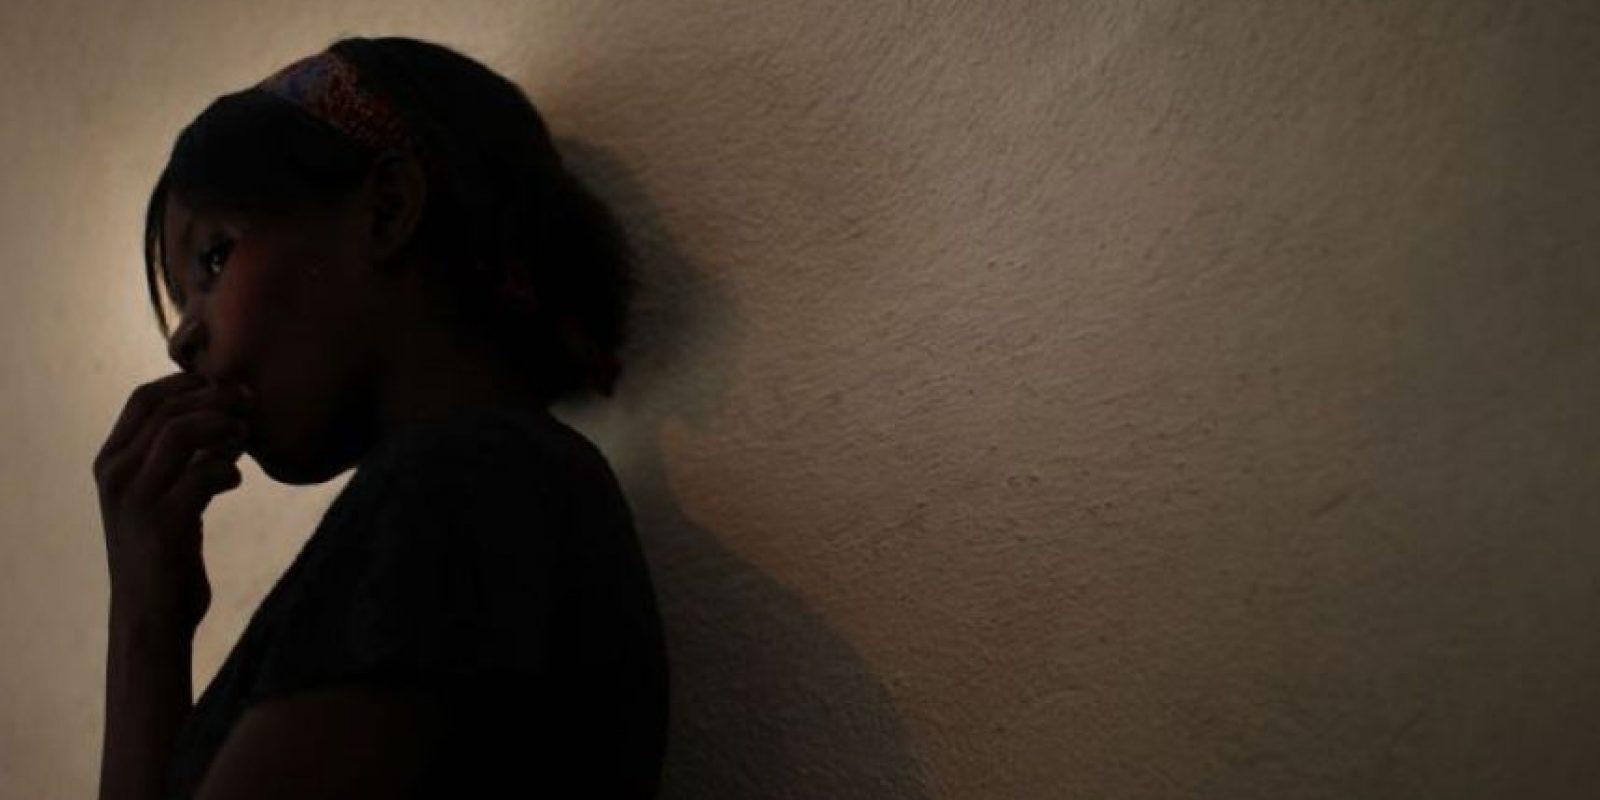 Son los actos que degradan o dañan el cuerpo y/o la sexualidad de la víctima y que por tanto atenta contra su libertad, dignidad e integridad física. Es una expresión de abuso de poder que implica la supremacía masculina sobre la mujer, al denigrarla y concebirla como objeto. Foto:vía Getty Images